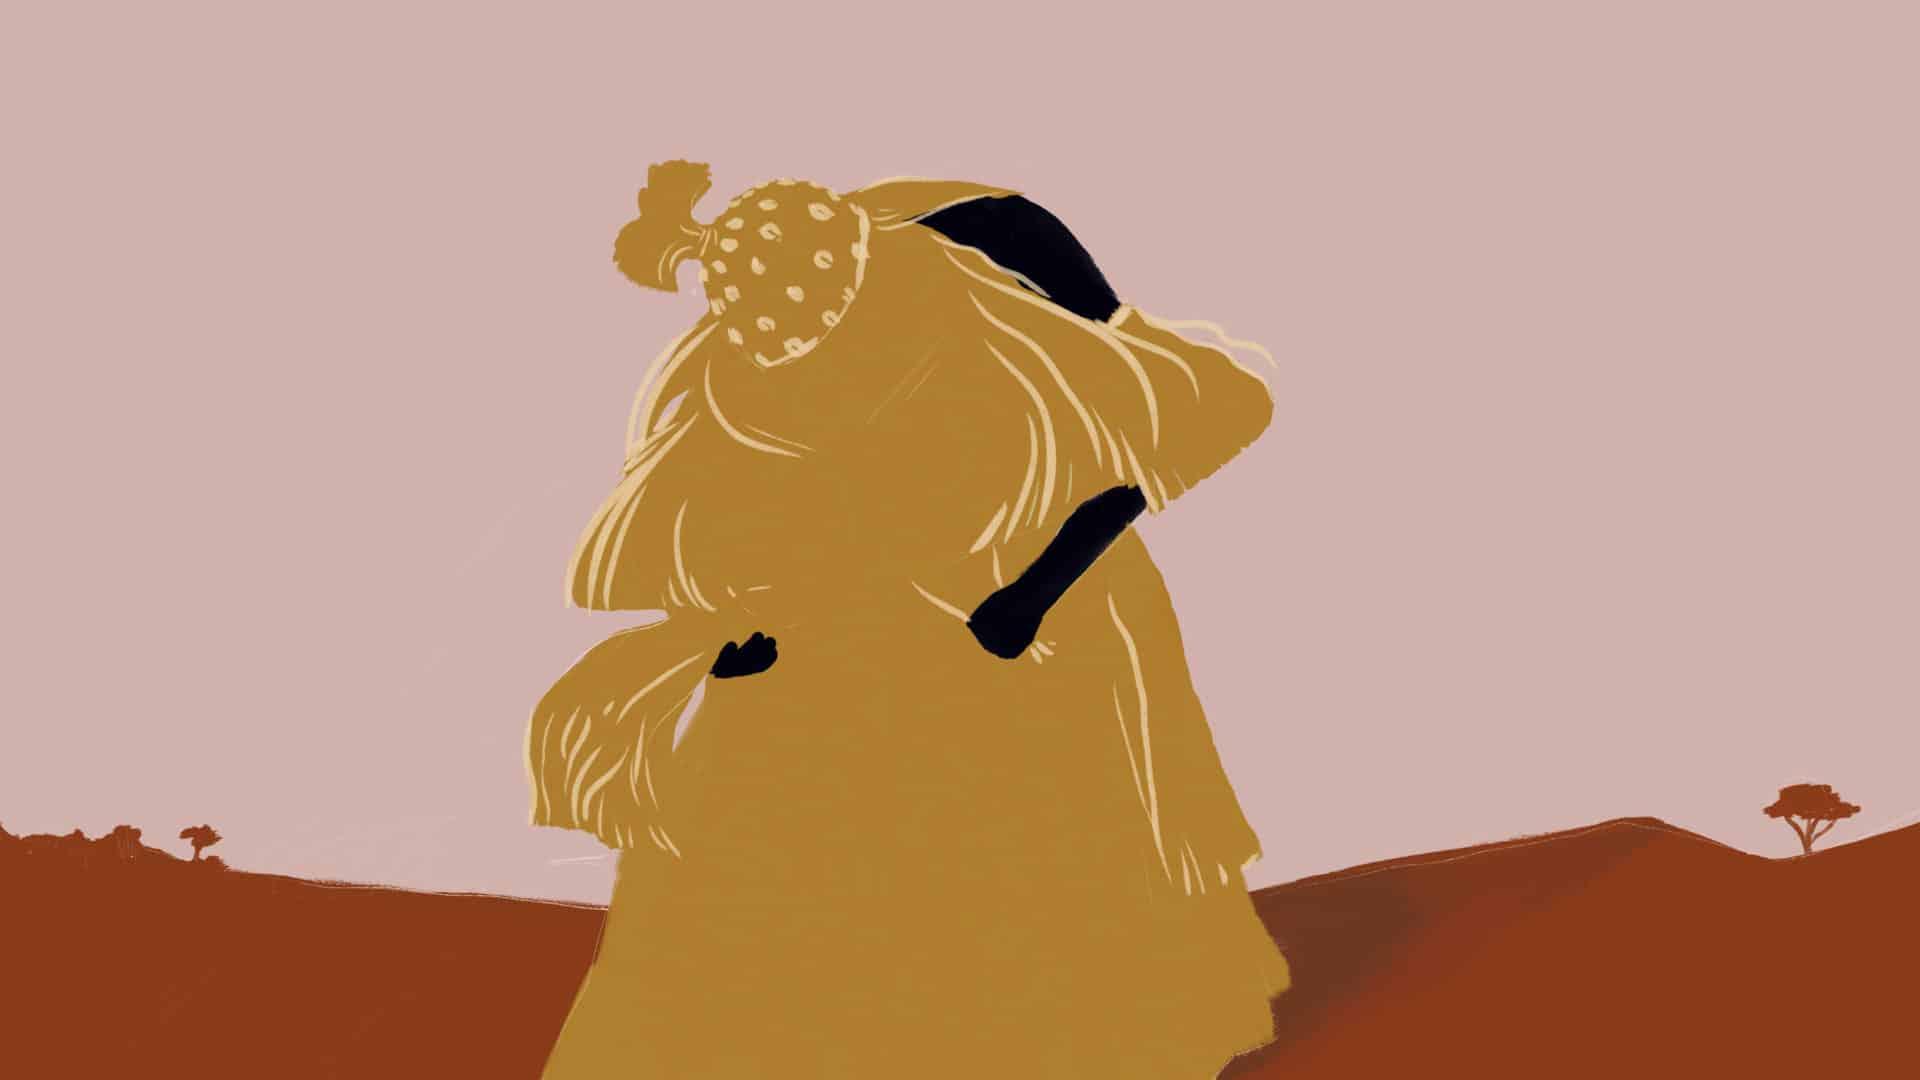 Ilustração de Omolu, entidade de origem africana que tem o corpo coberto de palha